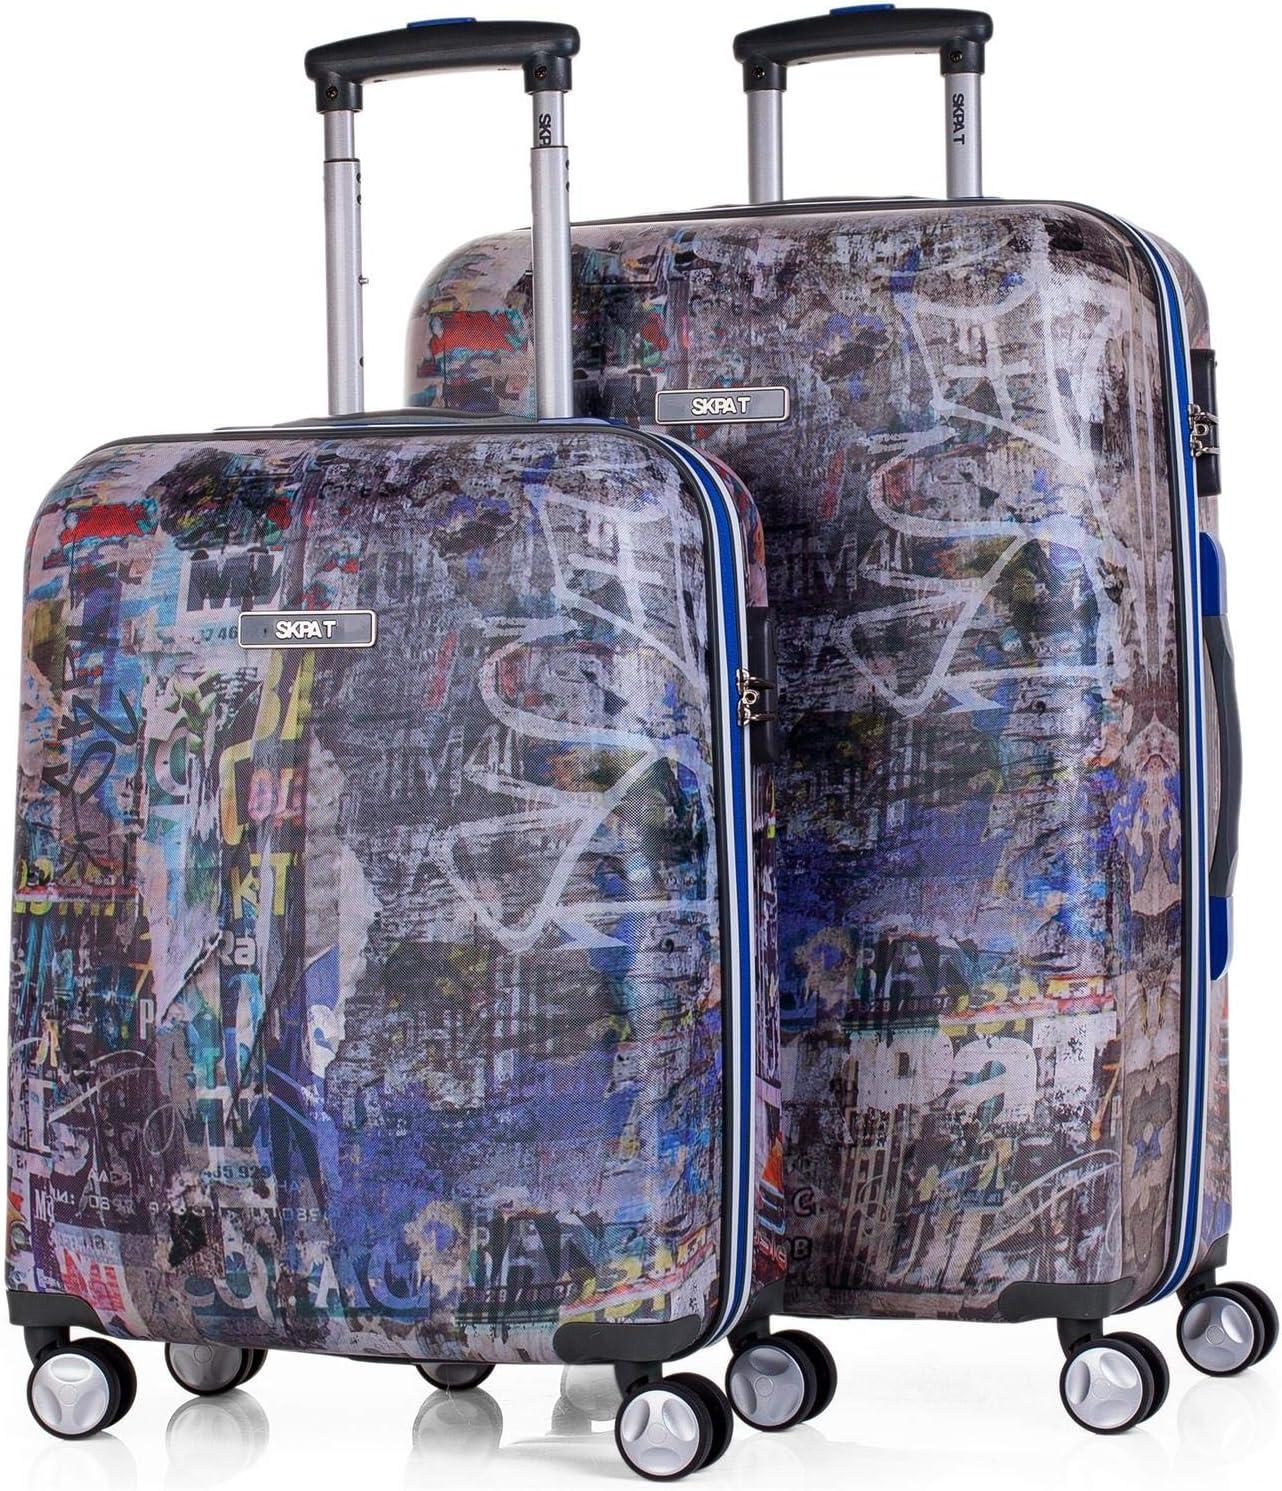 SKPAT - Juego Maletas Viaje Rígidas 4 Ruedas Trolley 55/70 cm ABS Estampado. Fuertes Resistentes y Ligeras. Asas y Candado. Pequeña Cabina y Mediana. Calidad y Diseño. 53900, Color Gris Oscuro